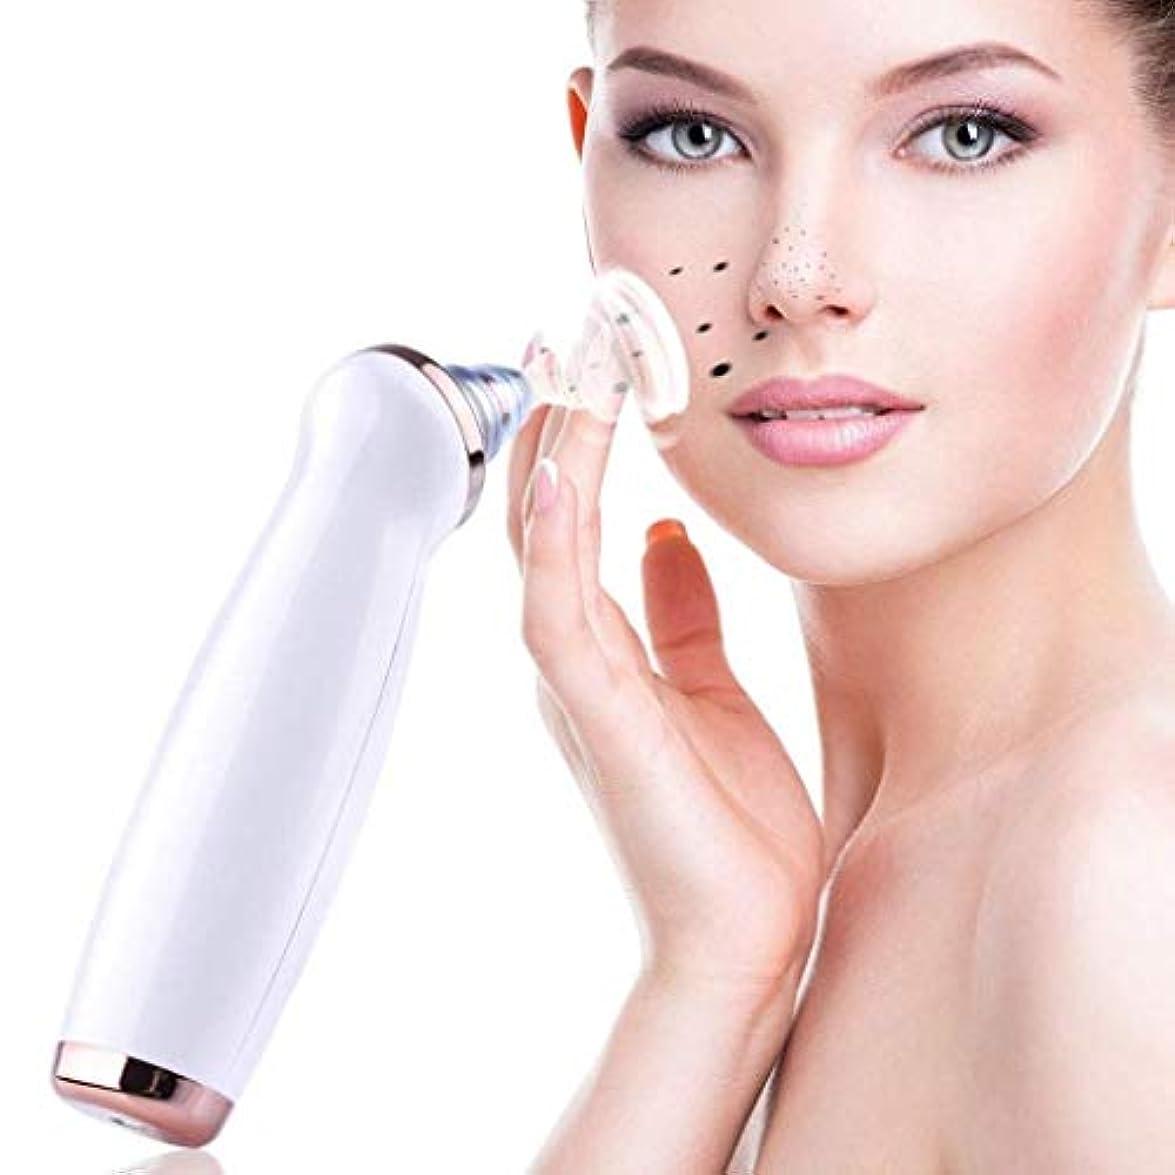 にきび除去剤、にきび真空にきび、メイクアップ除去剤にきび剥離、毛穴クレンジングフェイシャルスキンケアダイヤモンドマイクロダーマブレーションスキン美容機